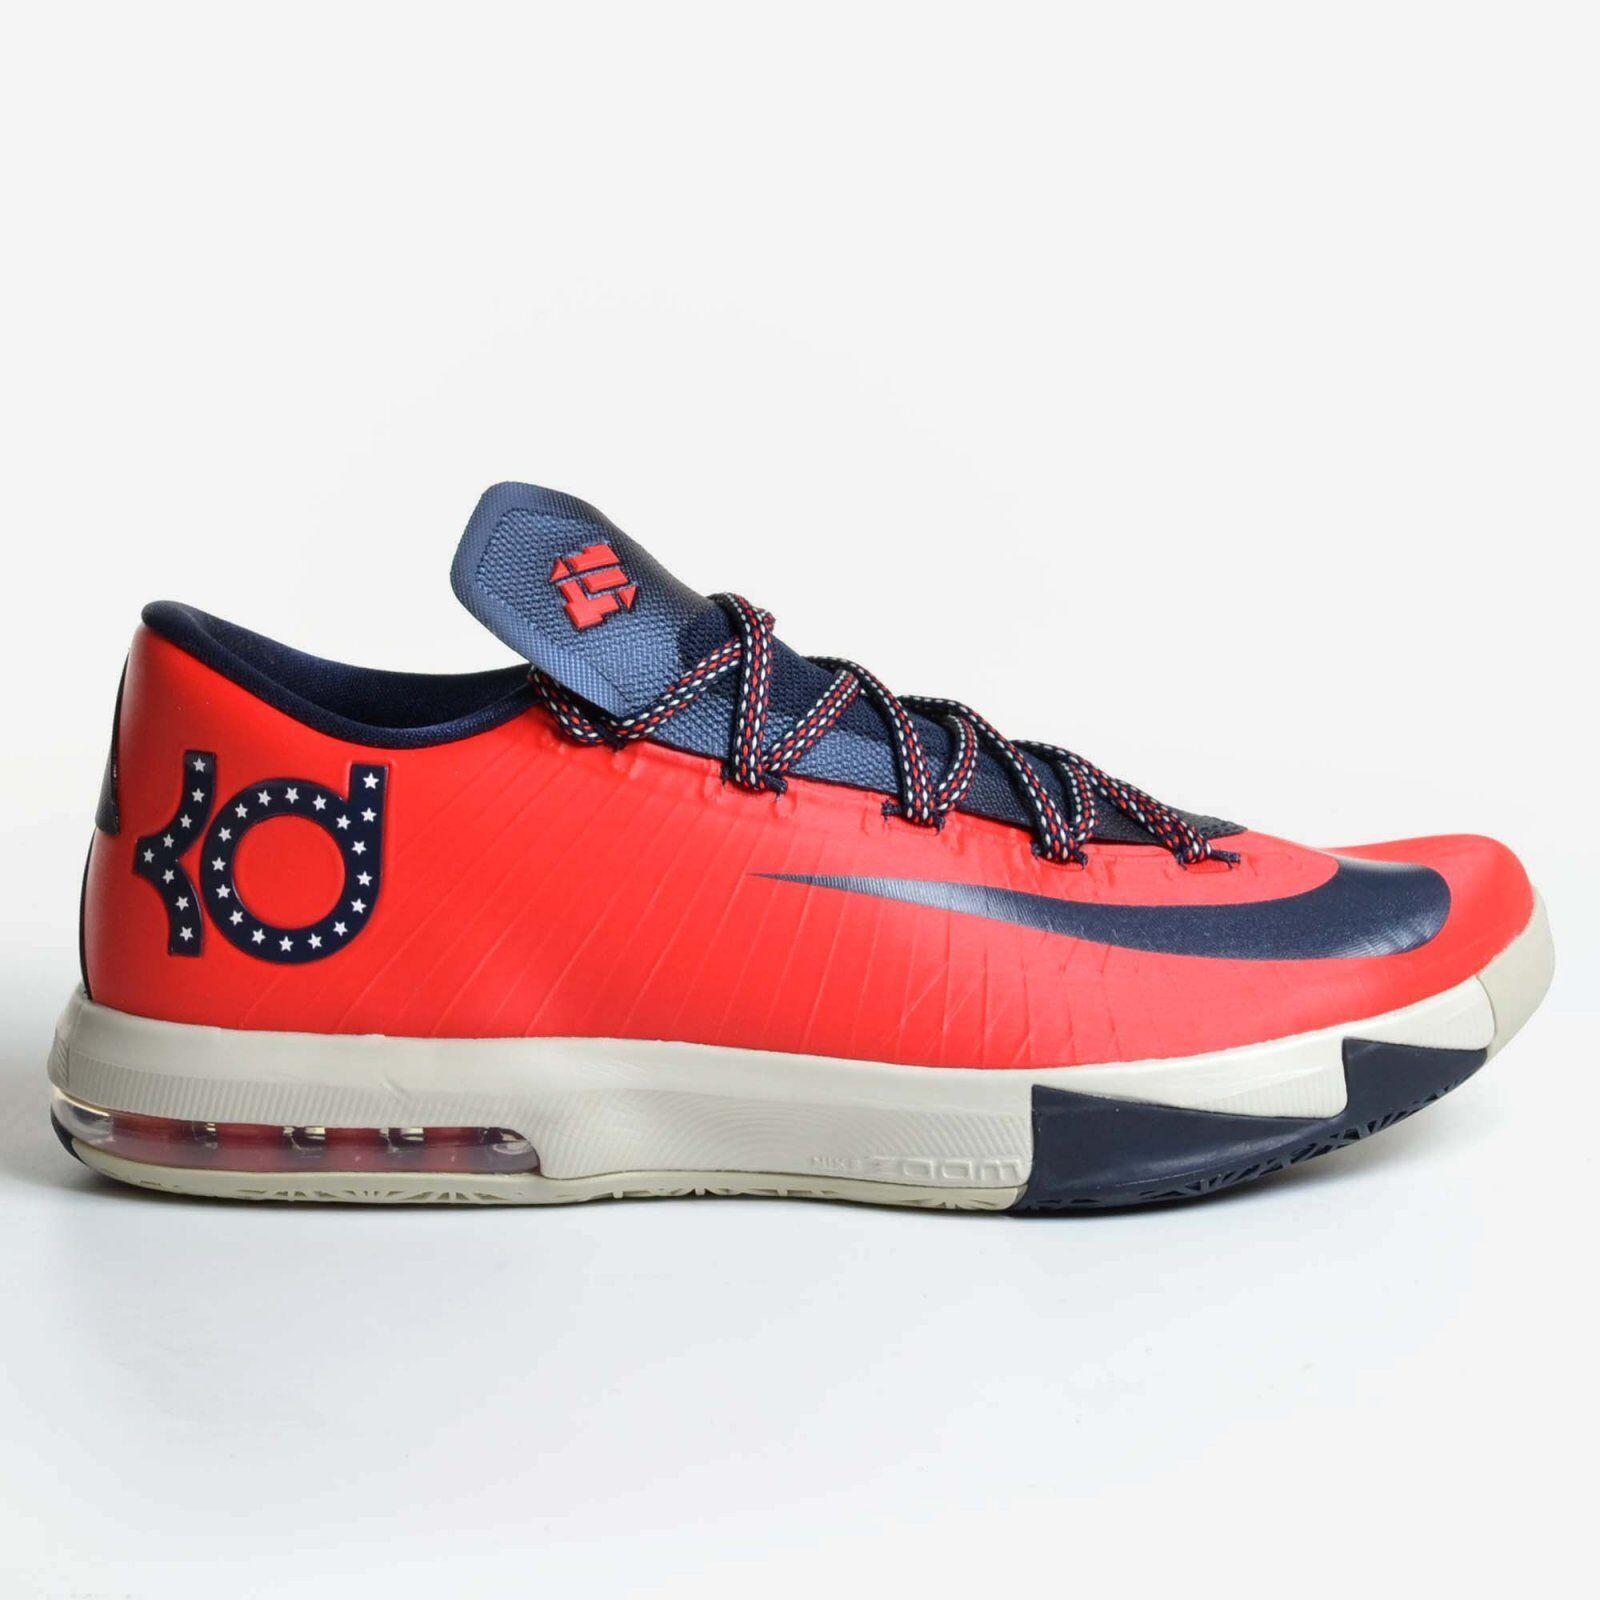 Nike kd 6 rosso cremisi washington 2013 4 luglio giorno di indipendenza vi 599424-600